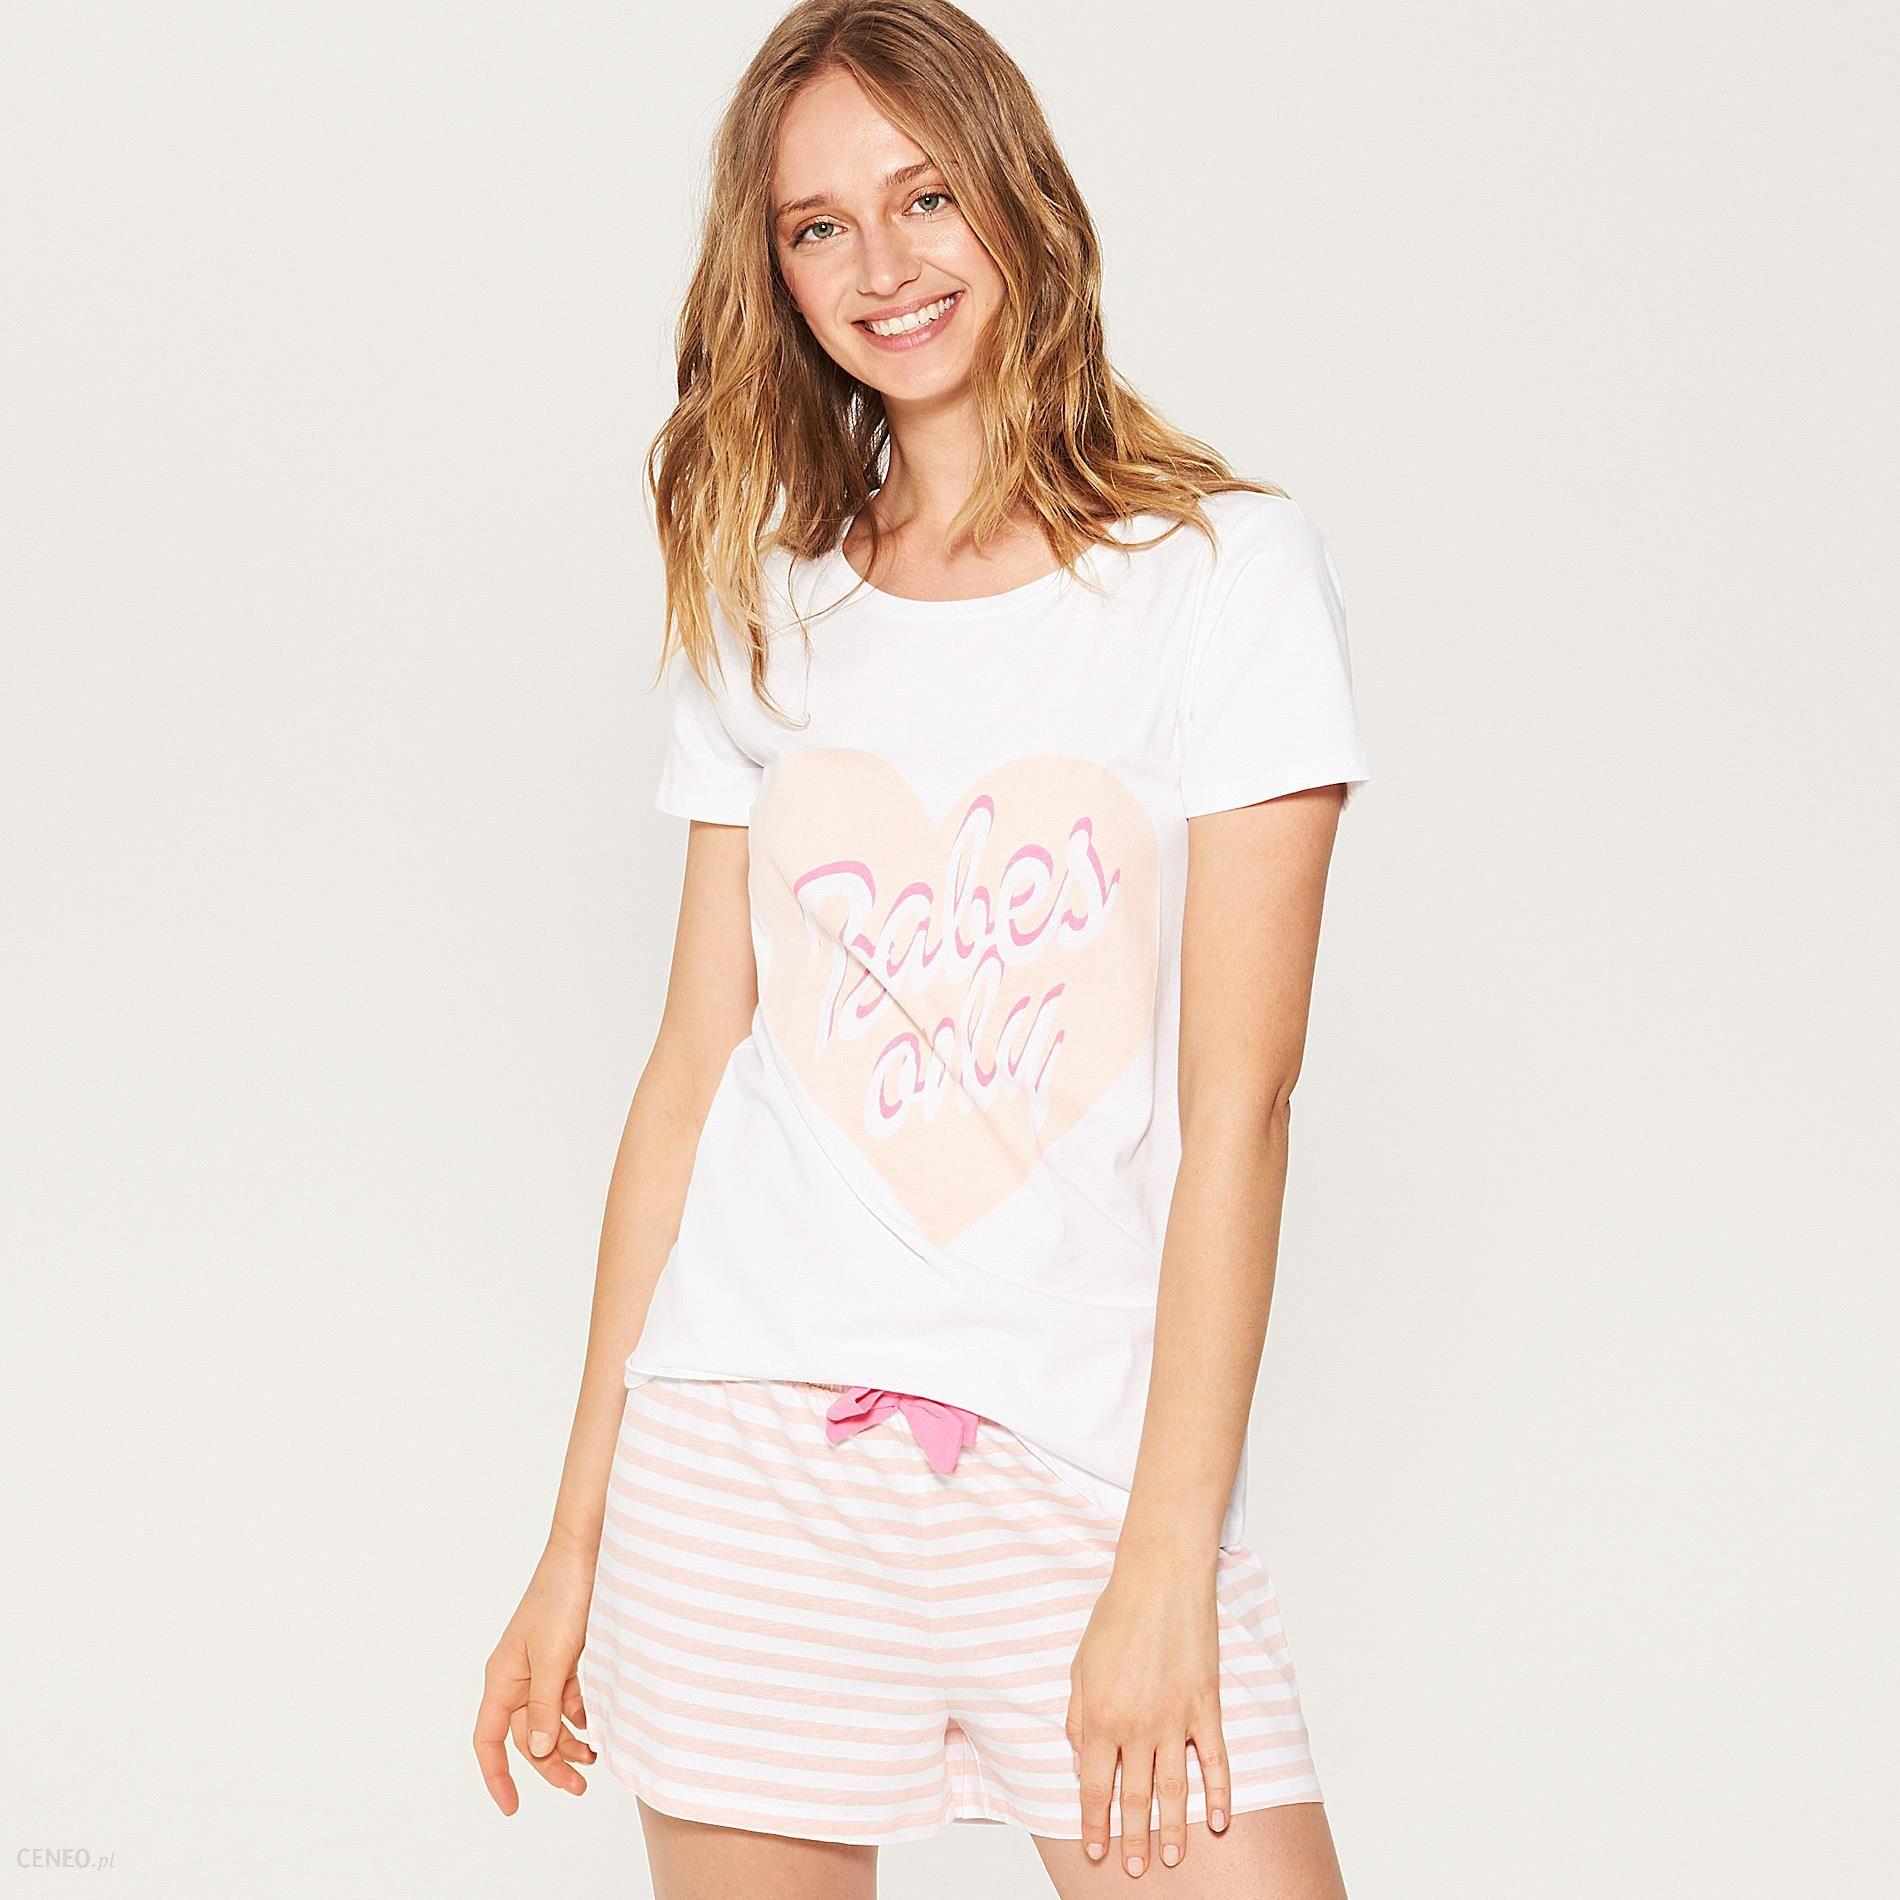 08224c80e17da6 House - Dwuczęściowa piżama z nadrukiem - Wielobarwn - Ceny i opinie ...